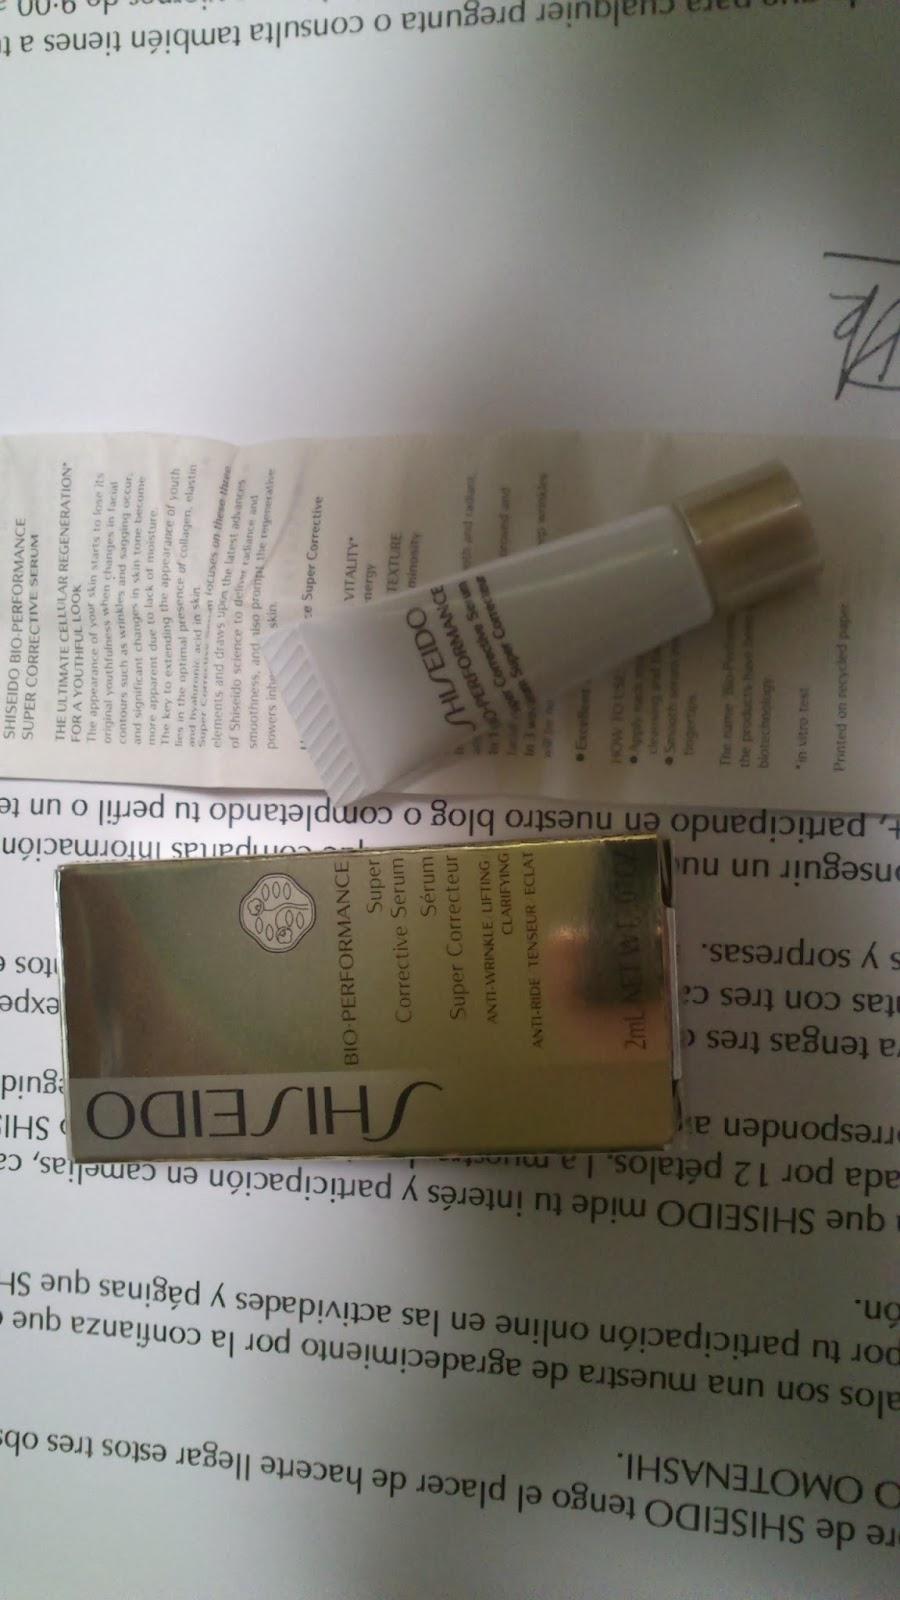 muestras shiseido